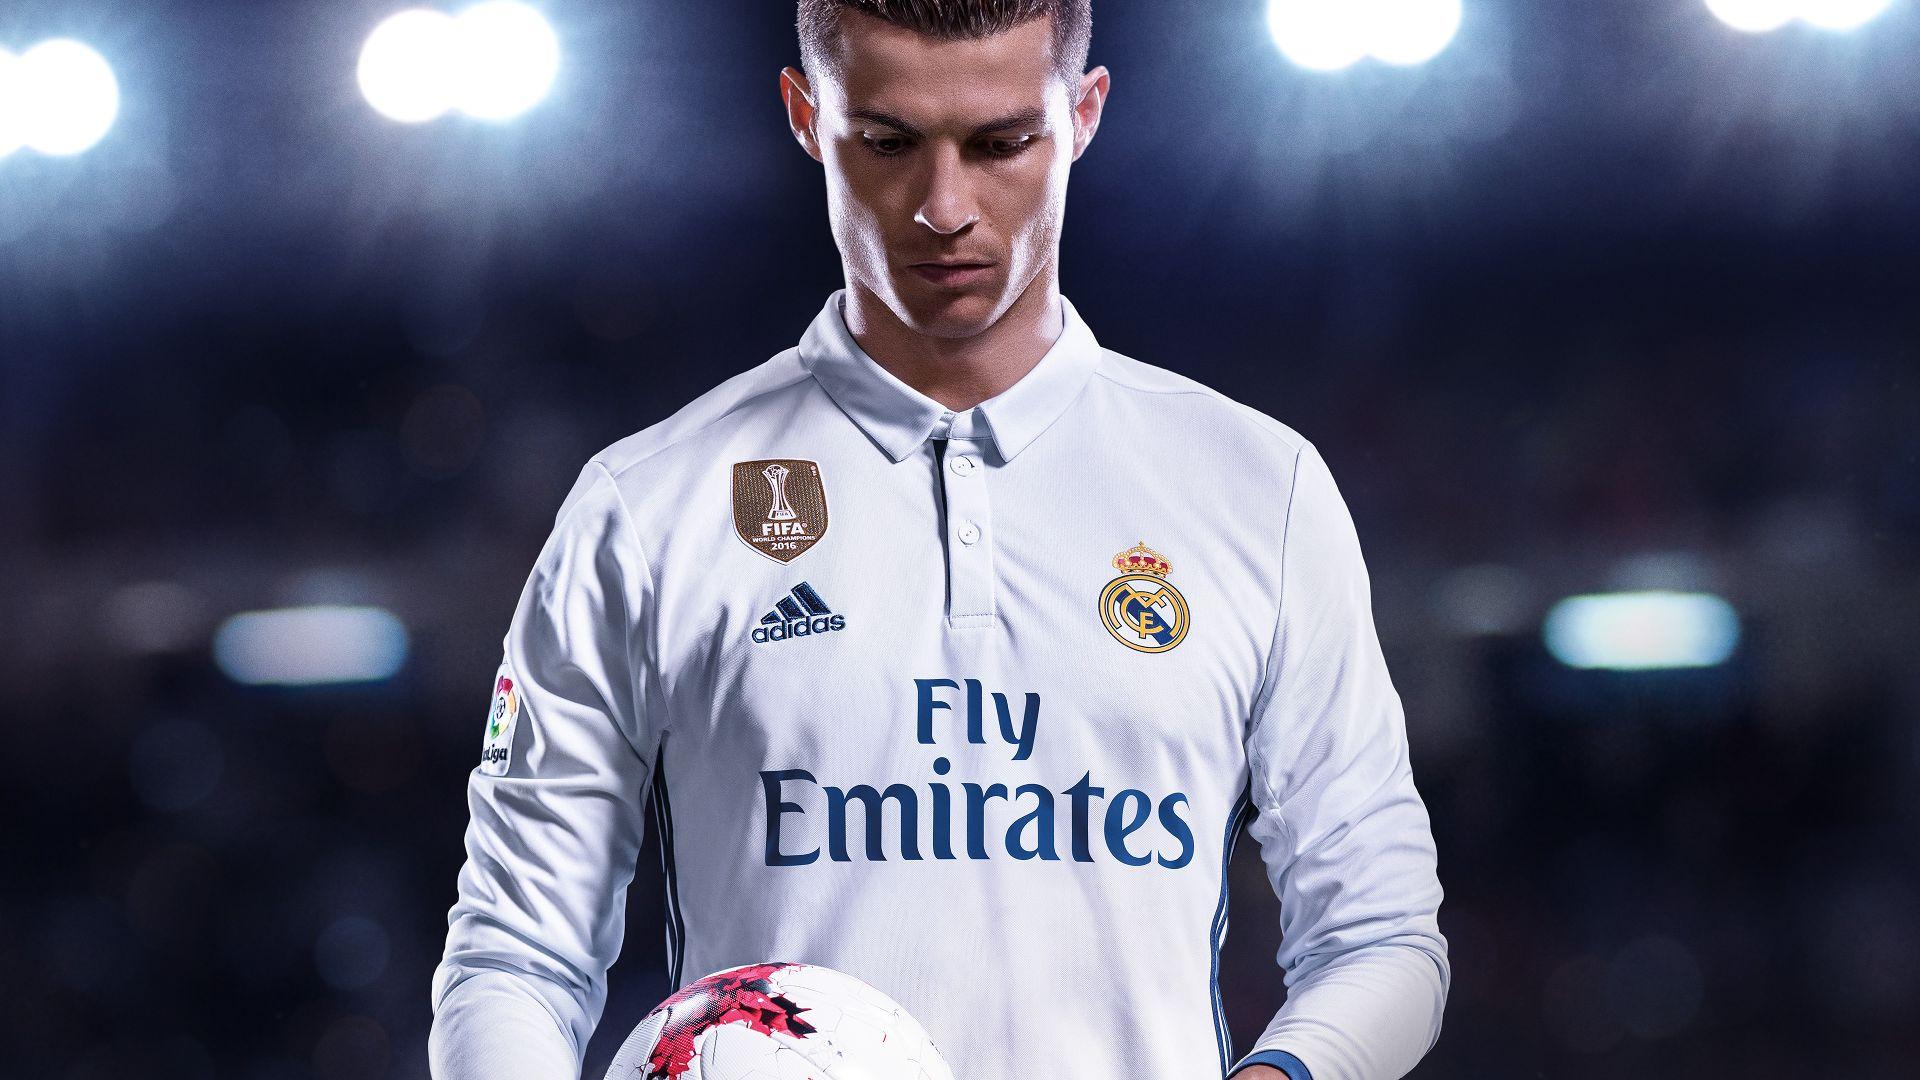 Fifa 19 Münzen Kaufen Ist Nicht Legal Diese Strafen Drohen